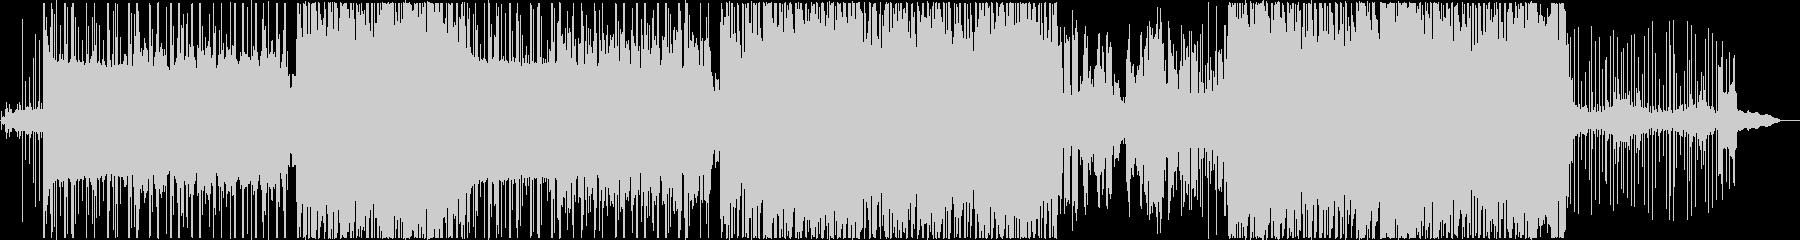 【歌】暗い雰囲気の女性ボーカルポップス2の未再生の波形